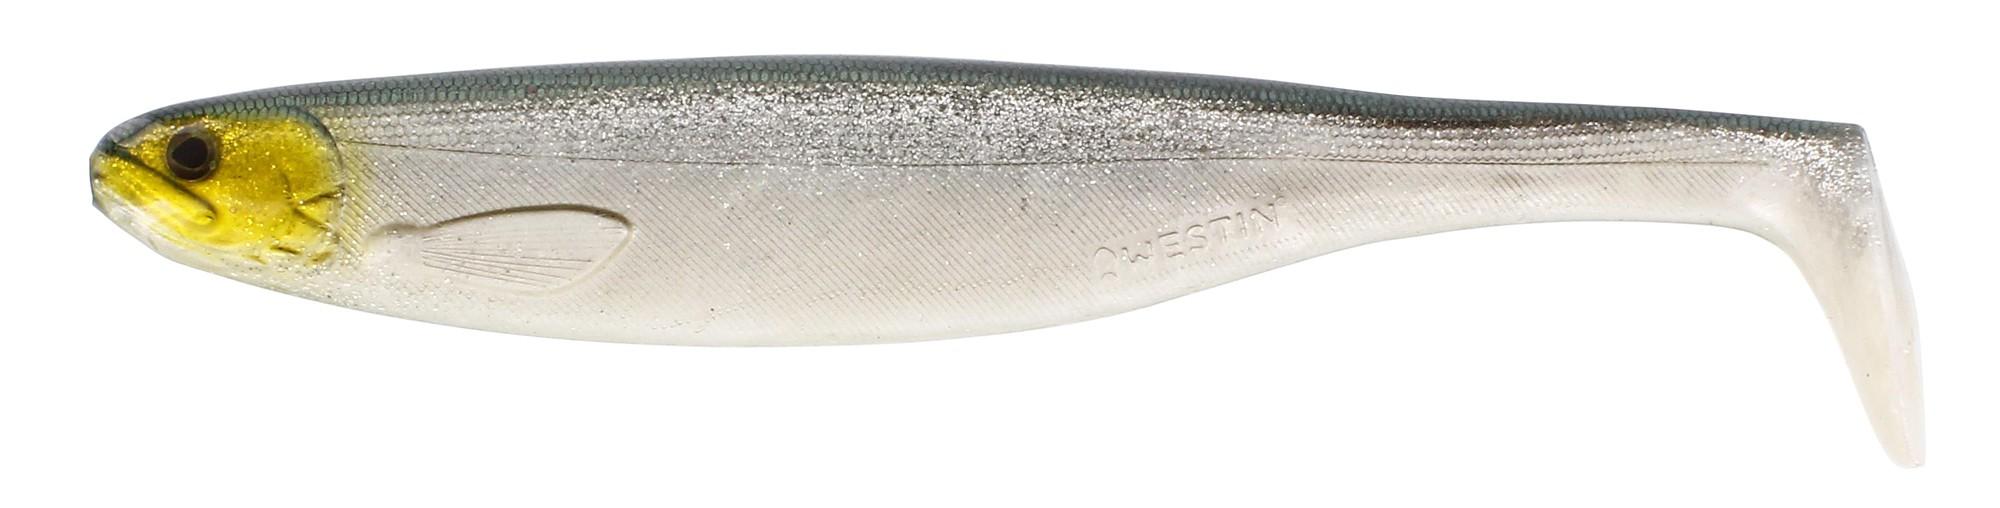 Westin Shad Teez Gummifische 22cm o. 27cm Gummiköder zum Hecht und Wallerangeln